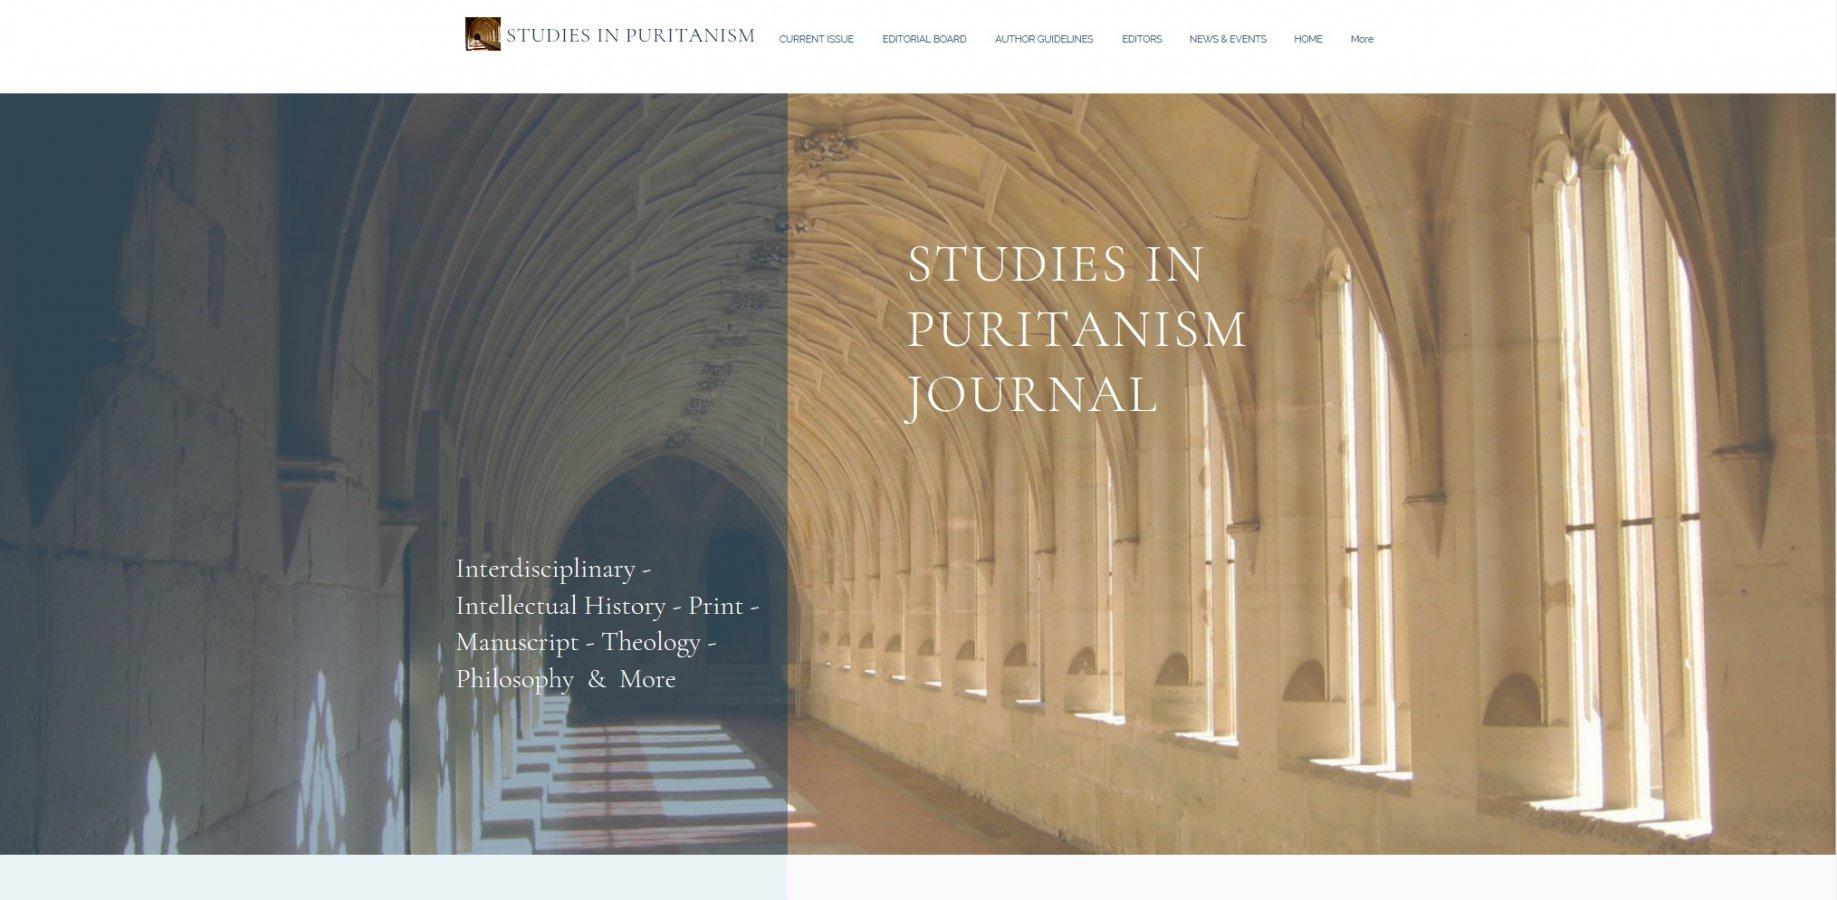 Image Studies in Puritanism Journal – een nieuw internationaal academisch tijdschrift